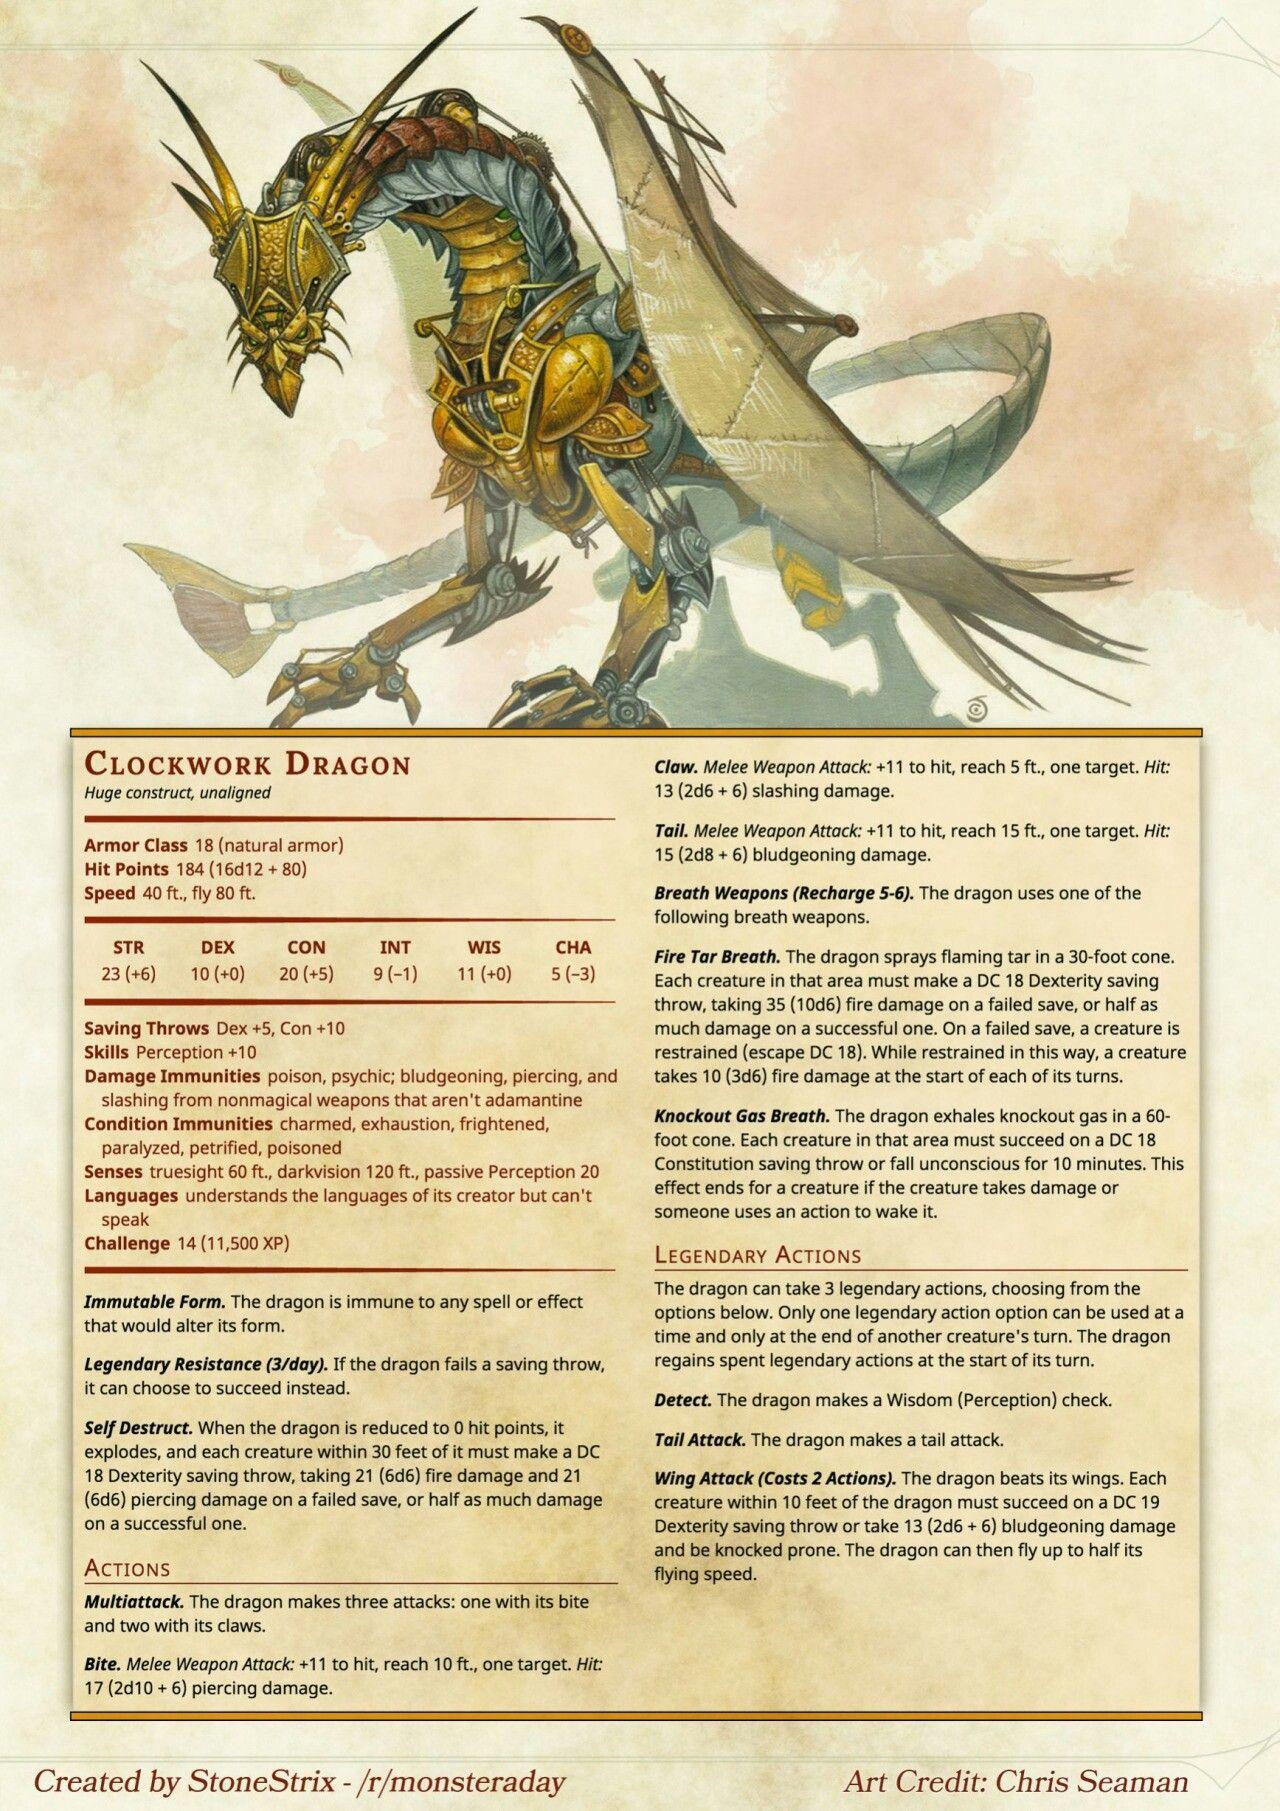 5e Boss Monster/Summon Clockwork Dragon 2 Dnd